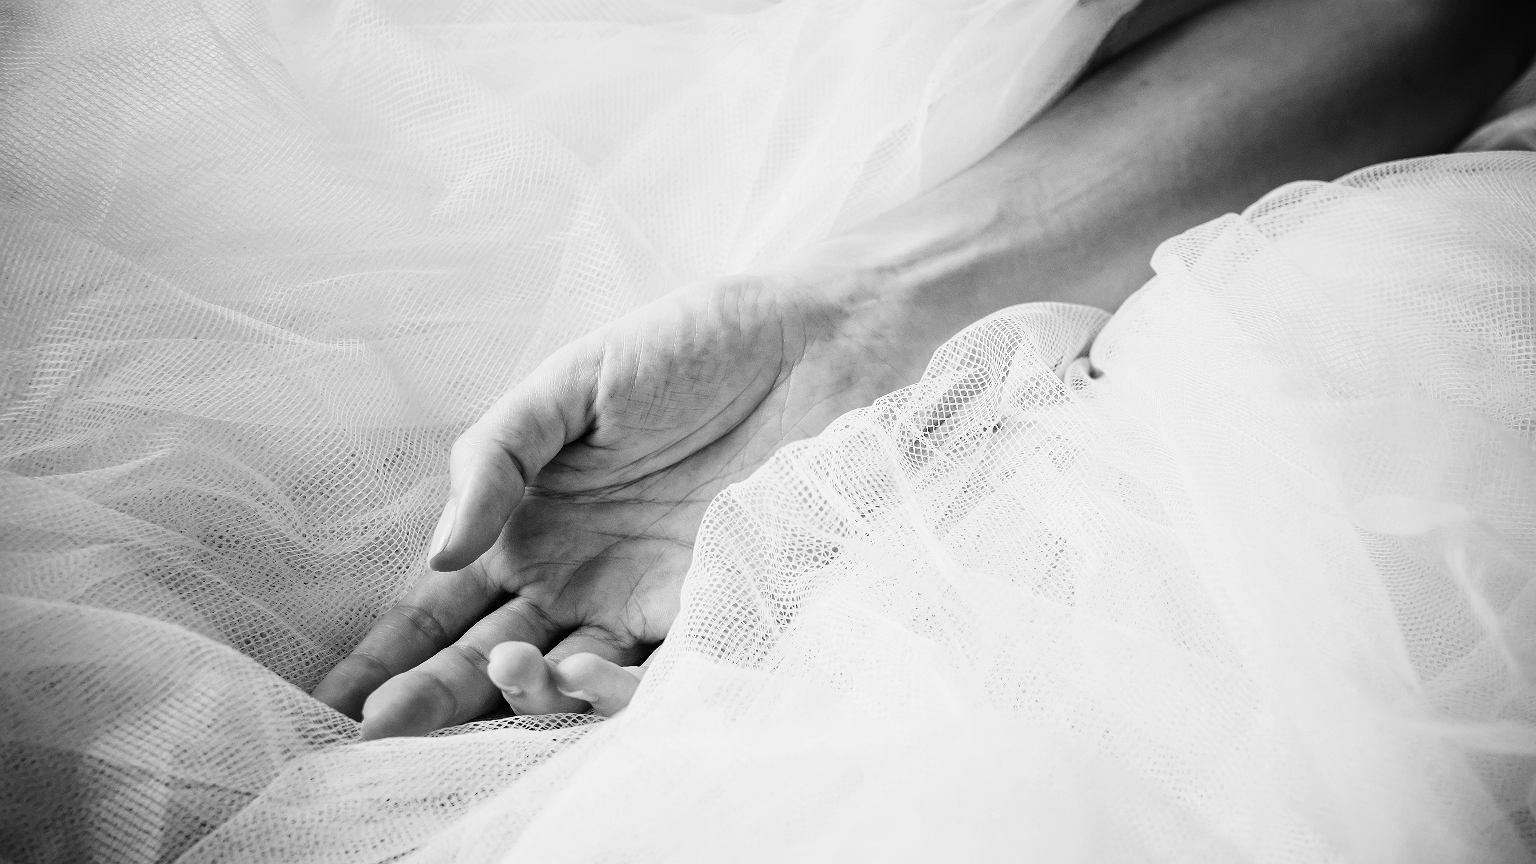 Gladys Ricart została zamordowana przez byłego partnera w dniu swojego ślubu